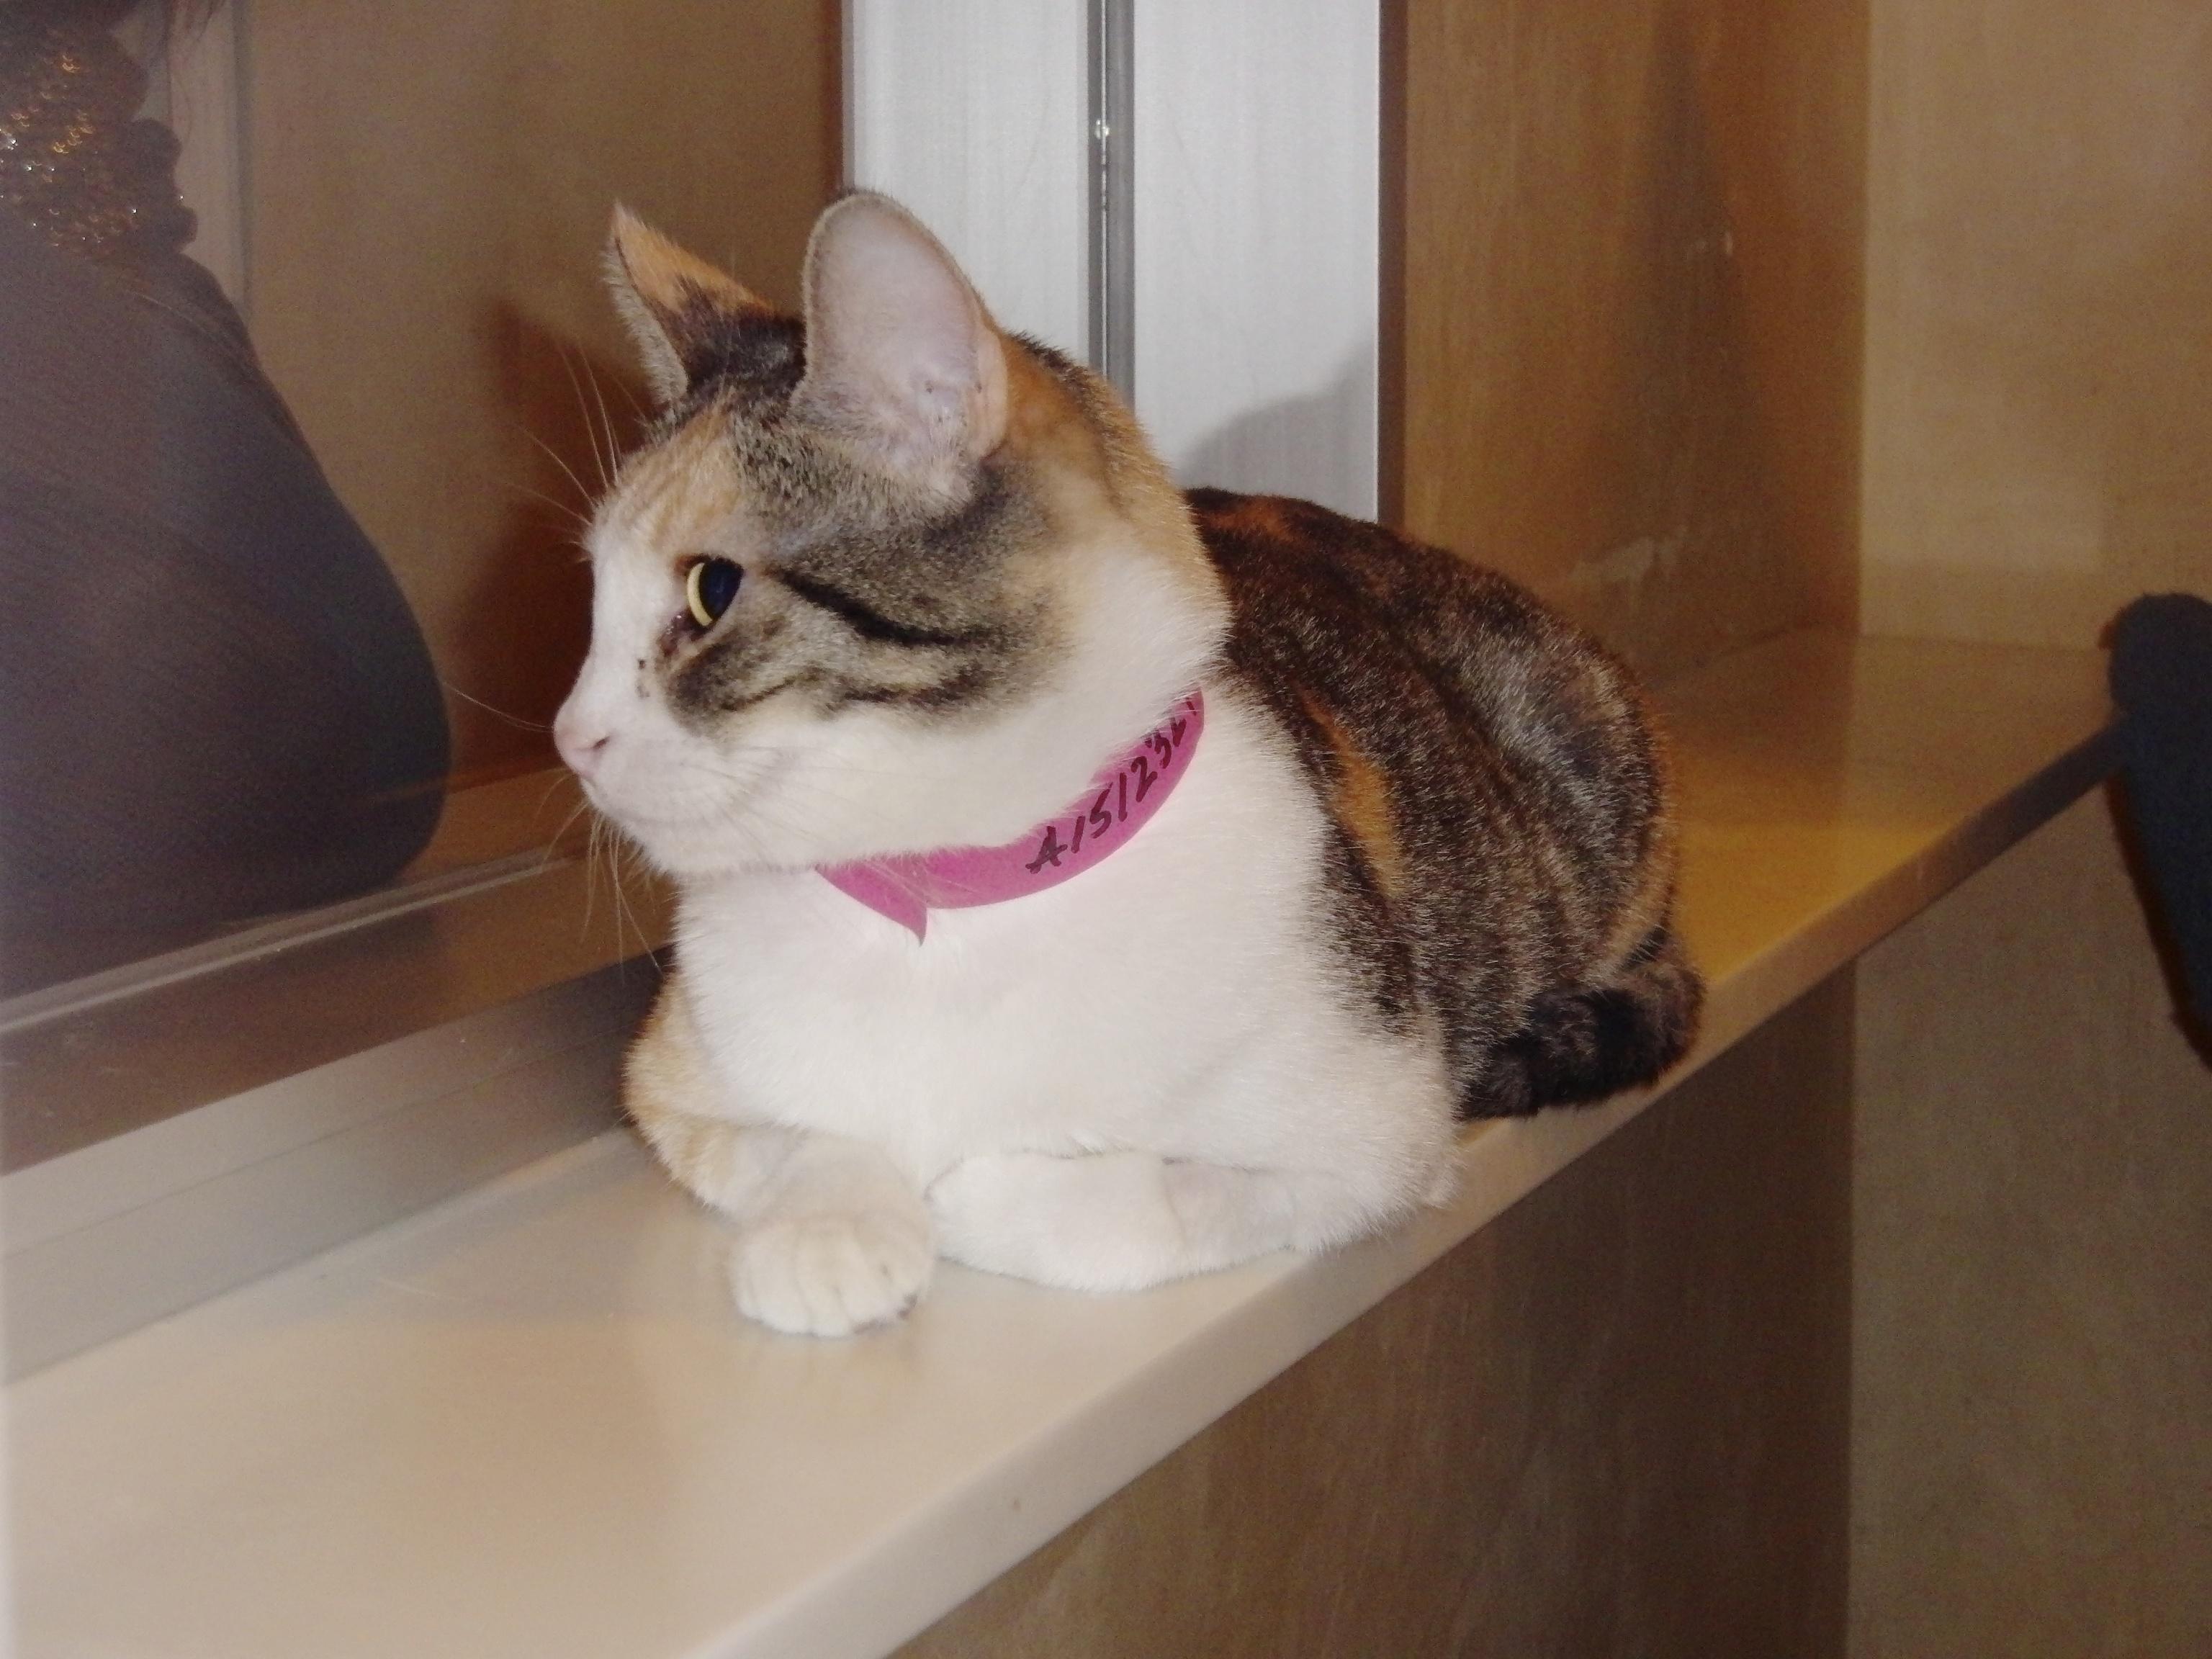 Tortoiseshell-and-White Tabby Cat